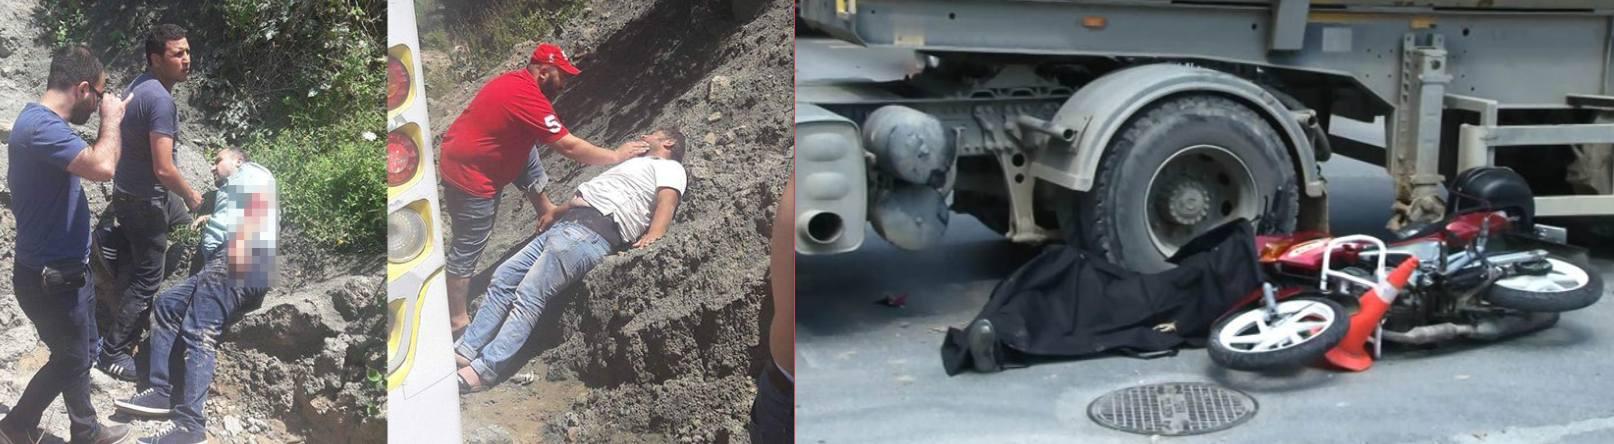 Hafriyat kamyonu teröründe geçen hafta: 12 yaralı, 1 ölü. Yeter artık!